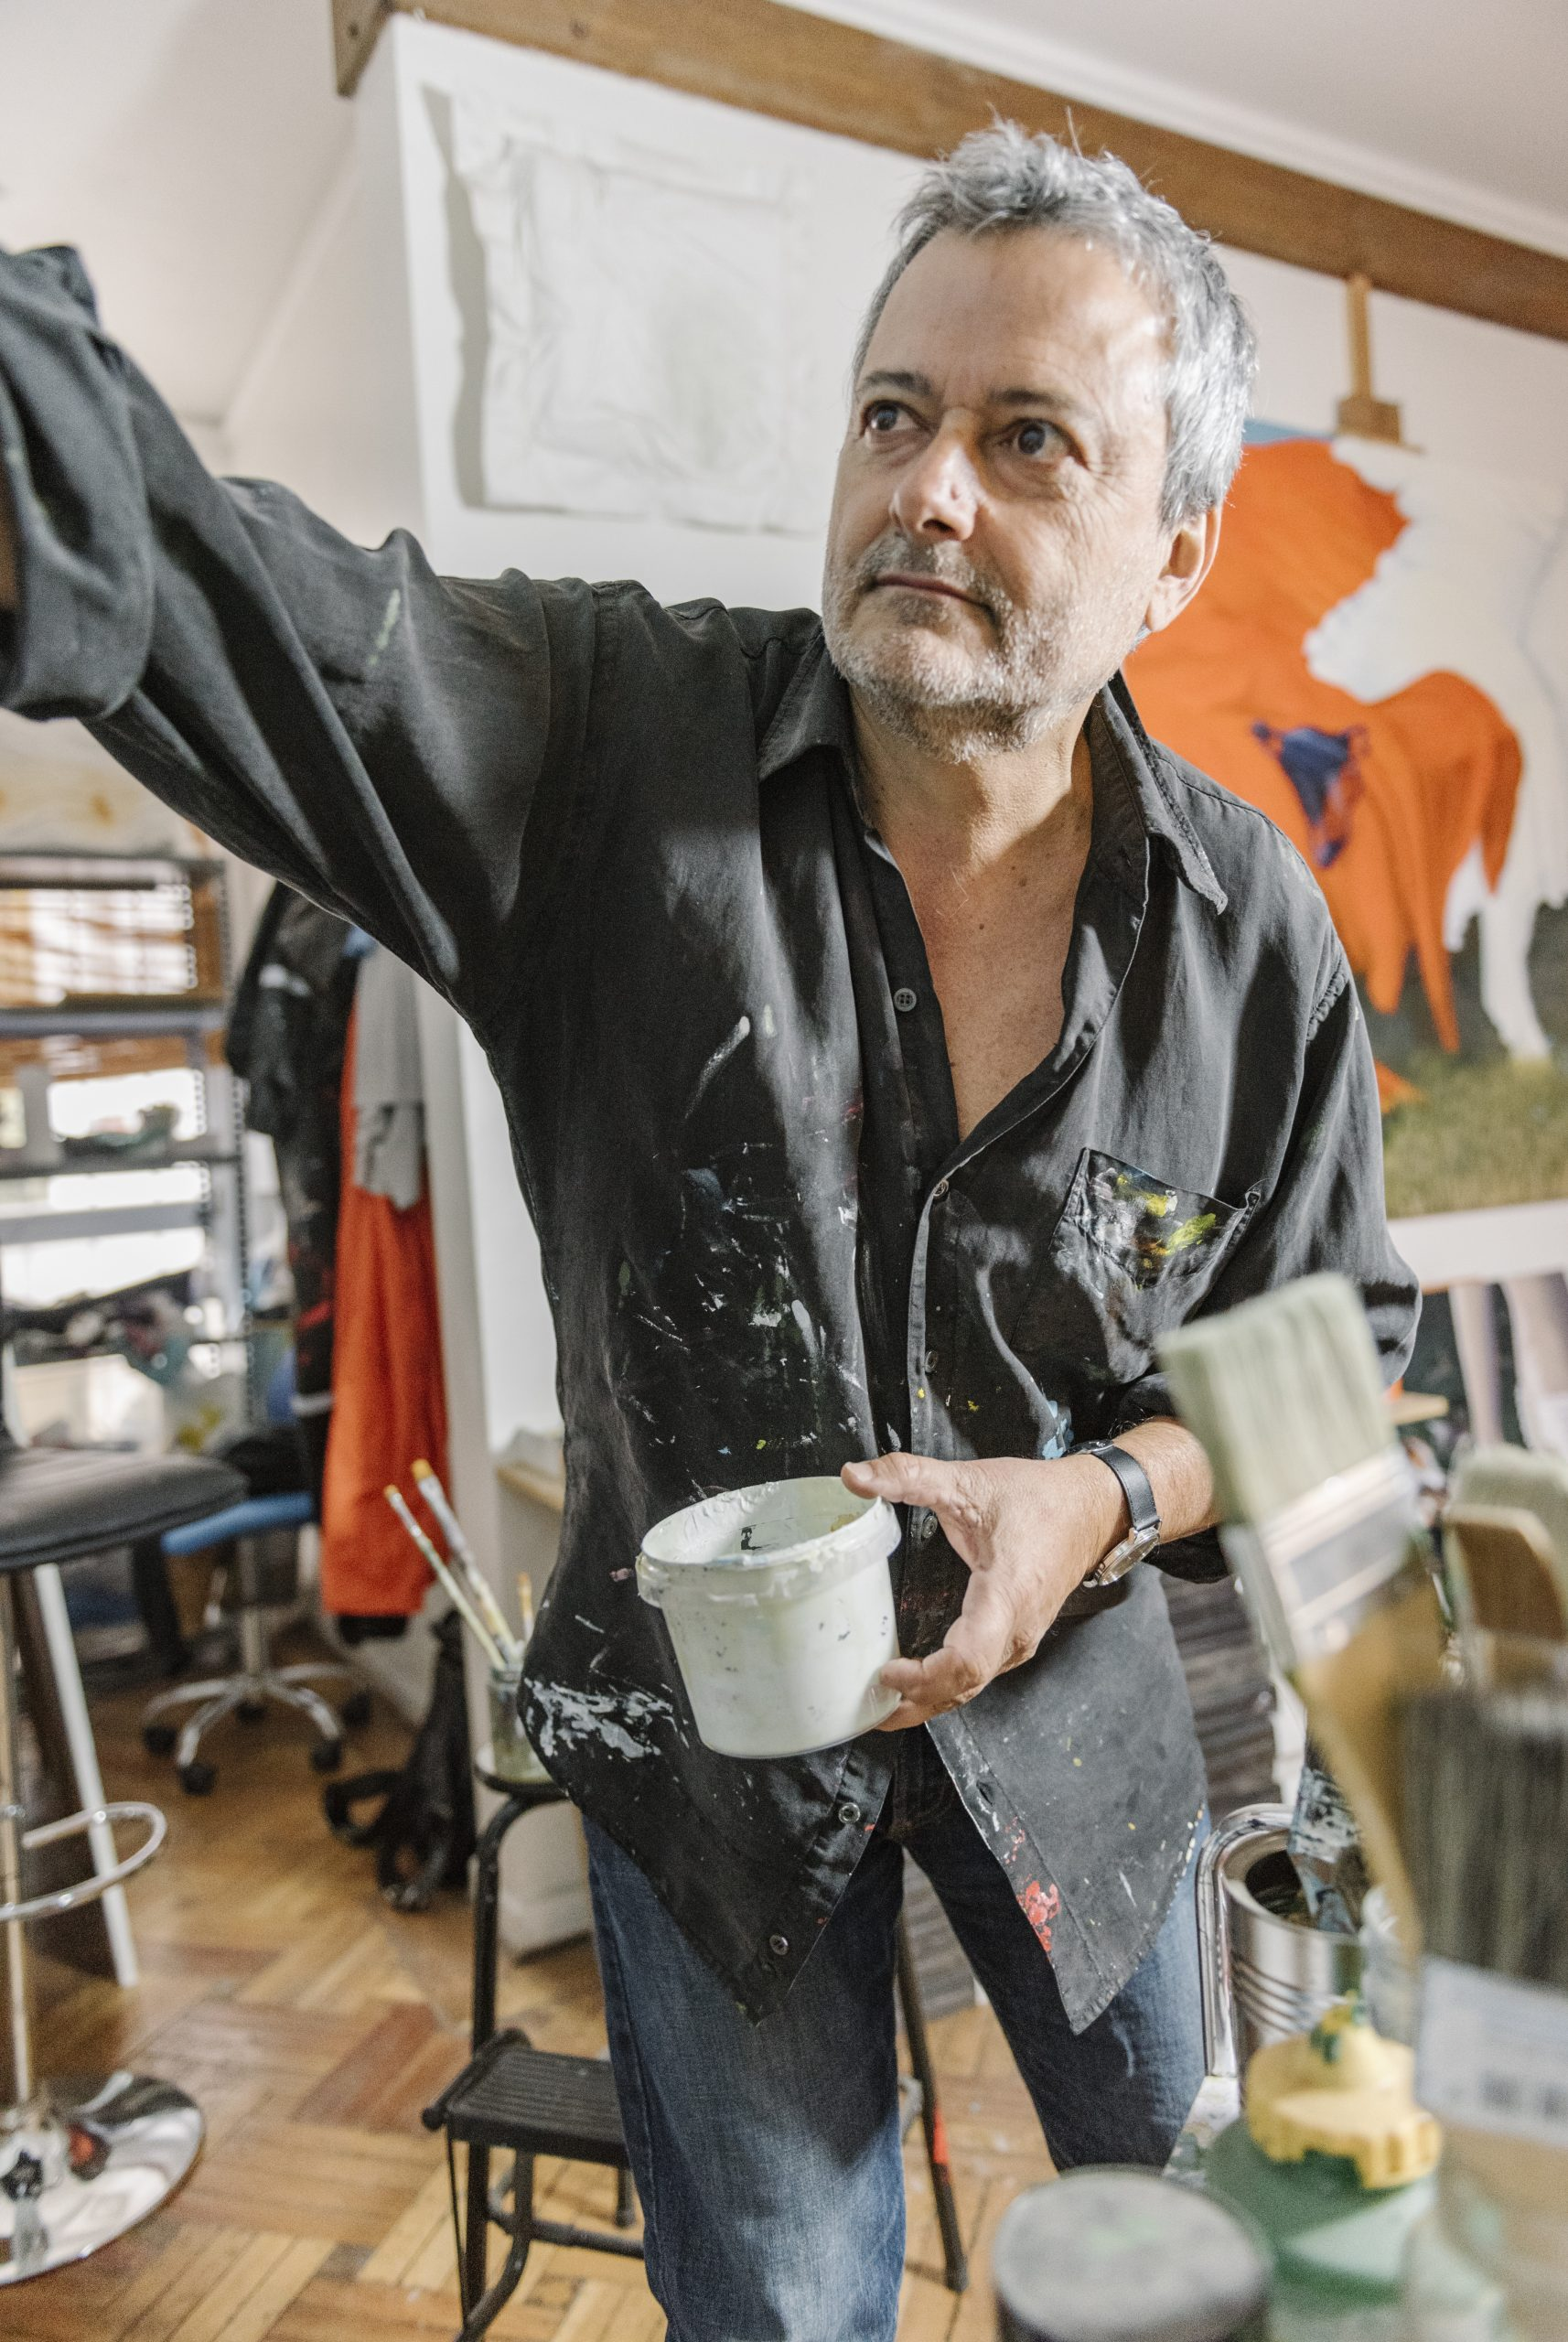 visual artist Guillermo del Valle